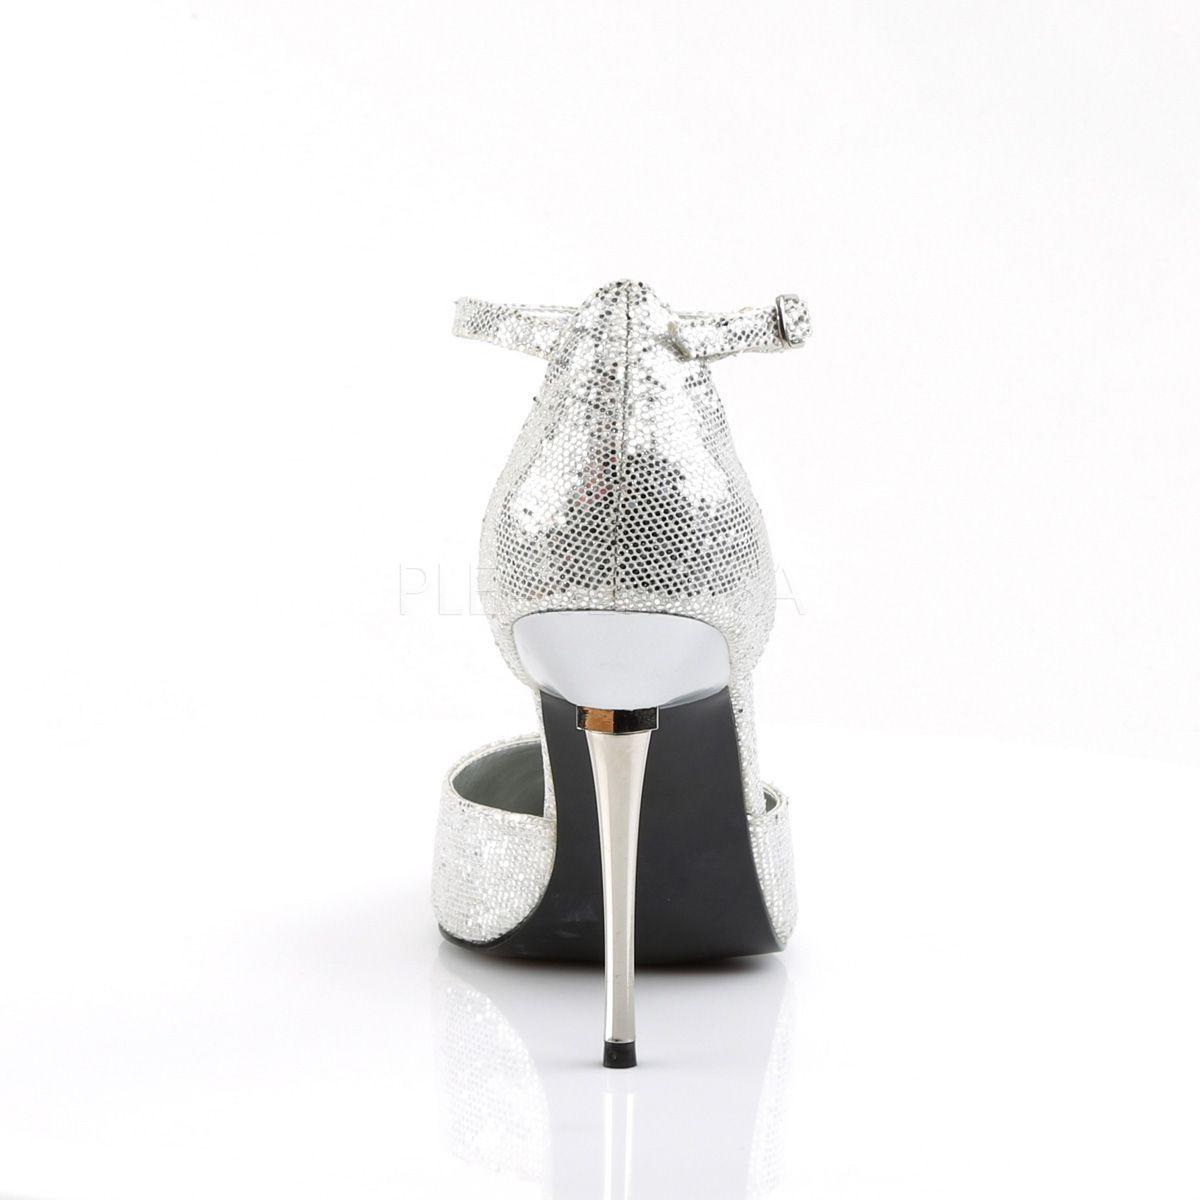 Sandalias Fetish Stiletto D'orsay con tacón metálico tallas 35 a 48